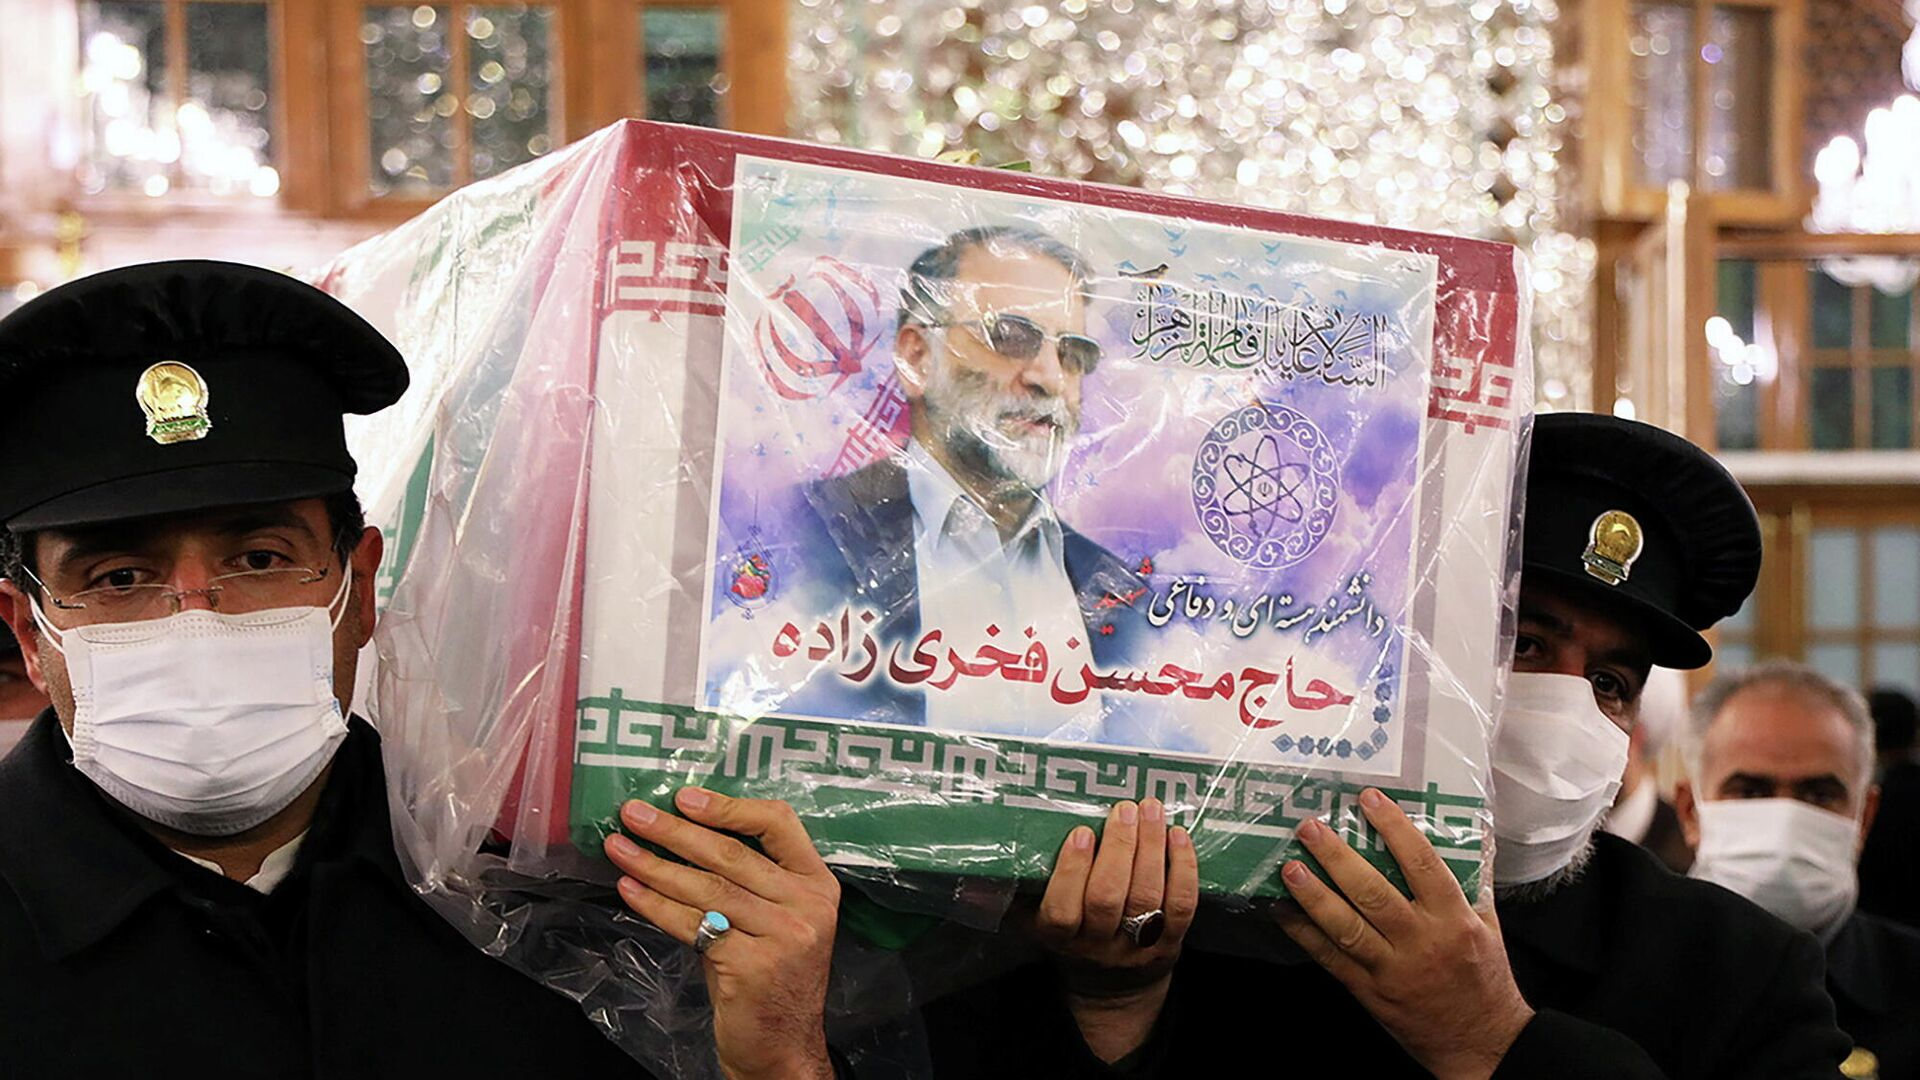 Церемония прощания с иранским ученым-ядерщиком Мохсеном Фахризаде в Мешхеде - РИА Новости, 1920, 01.12.2020